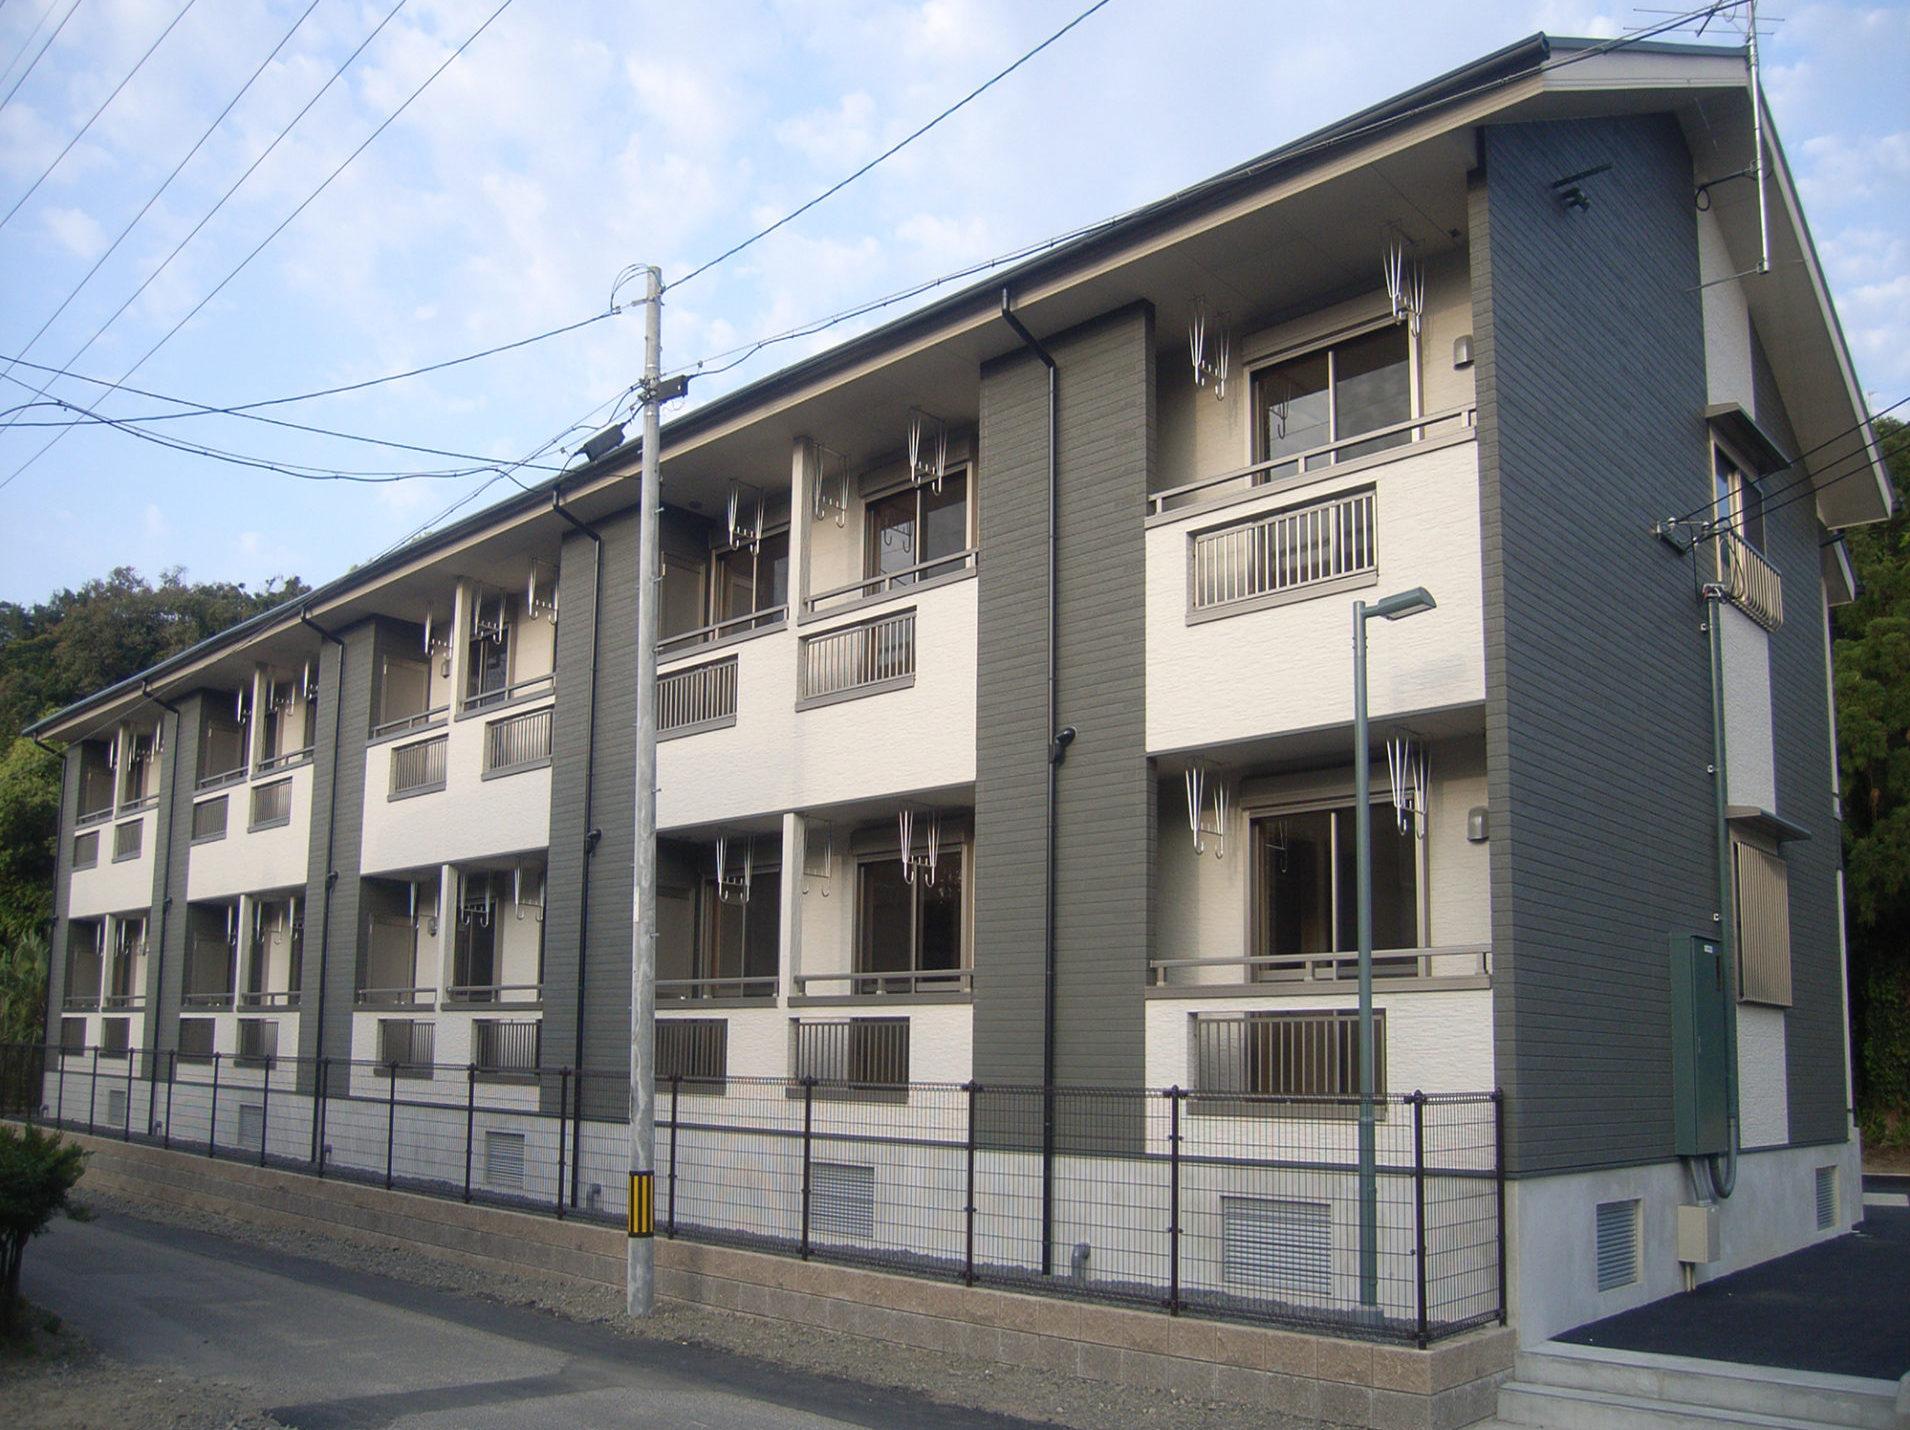 屋久島森林管理署共同宿舎 新築工事